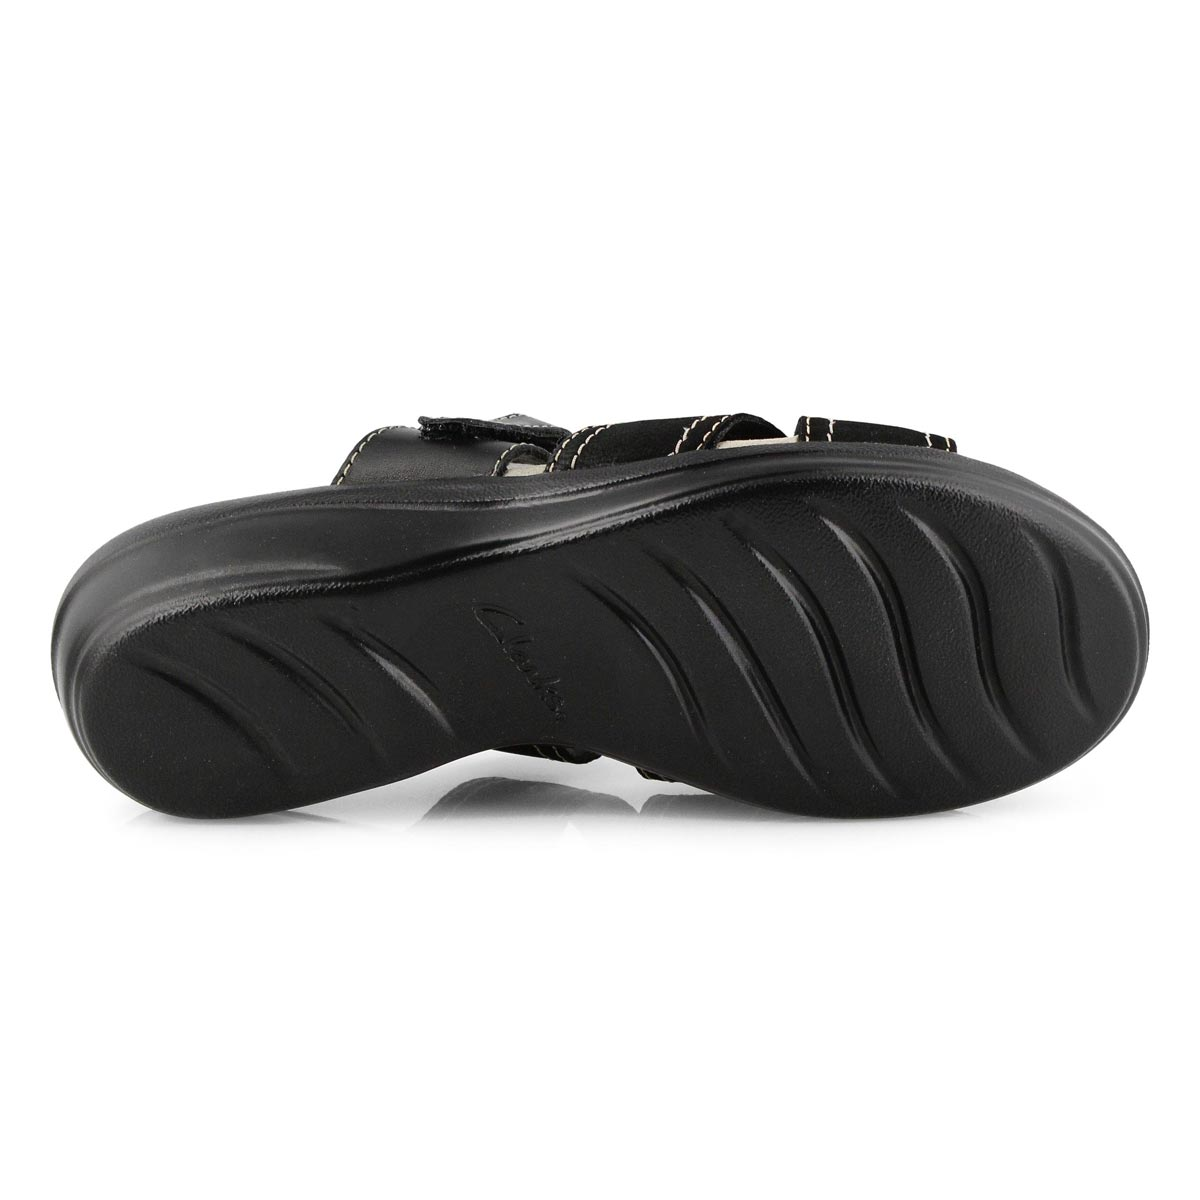 Women's Alexis Art Slide Sandal  - Black